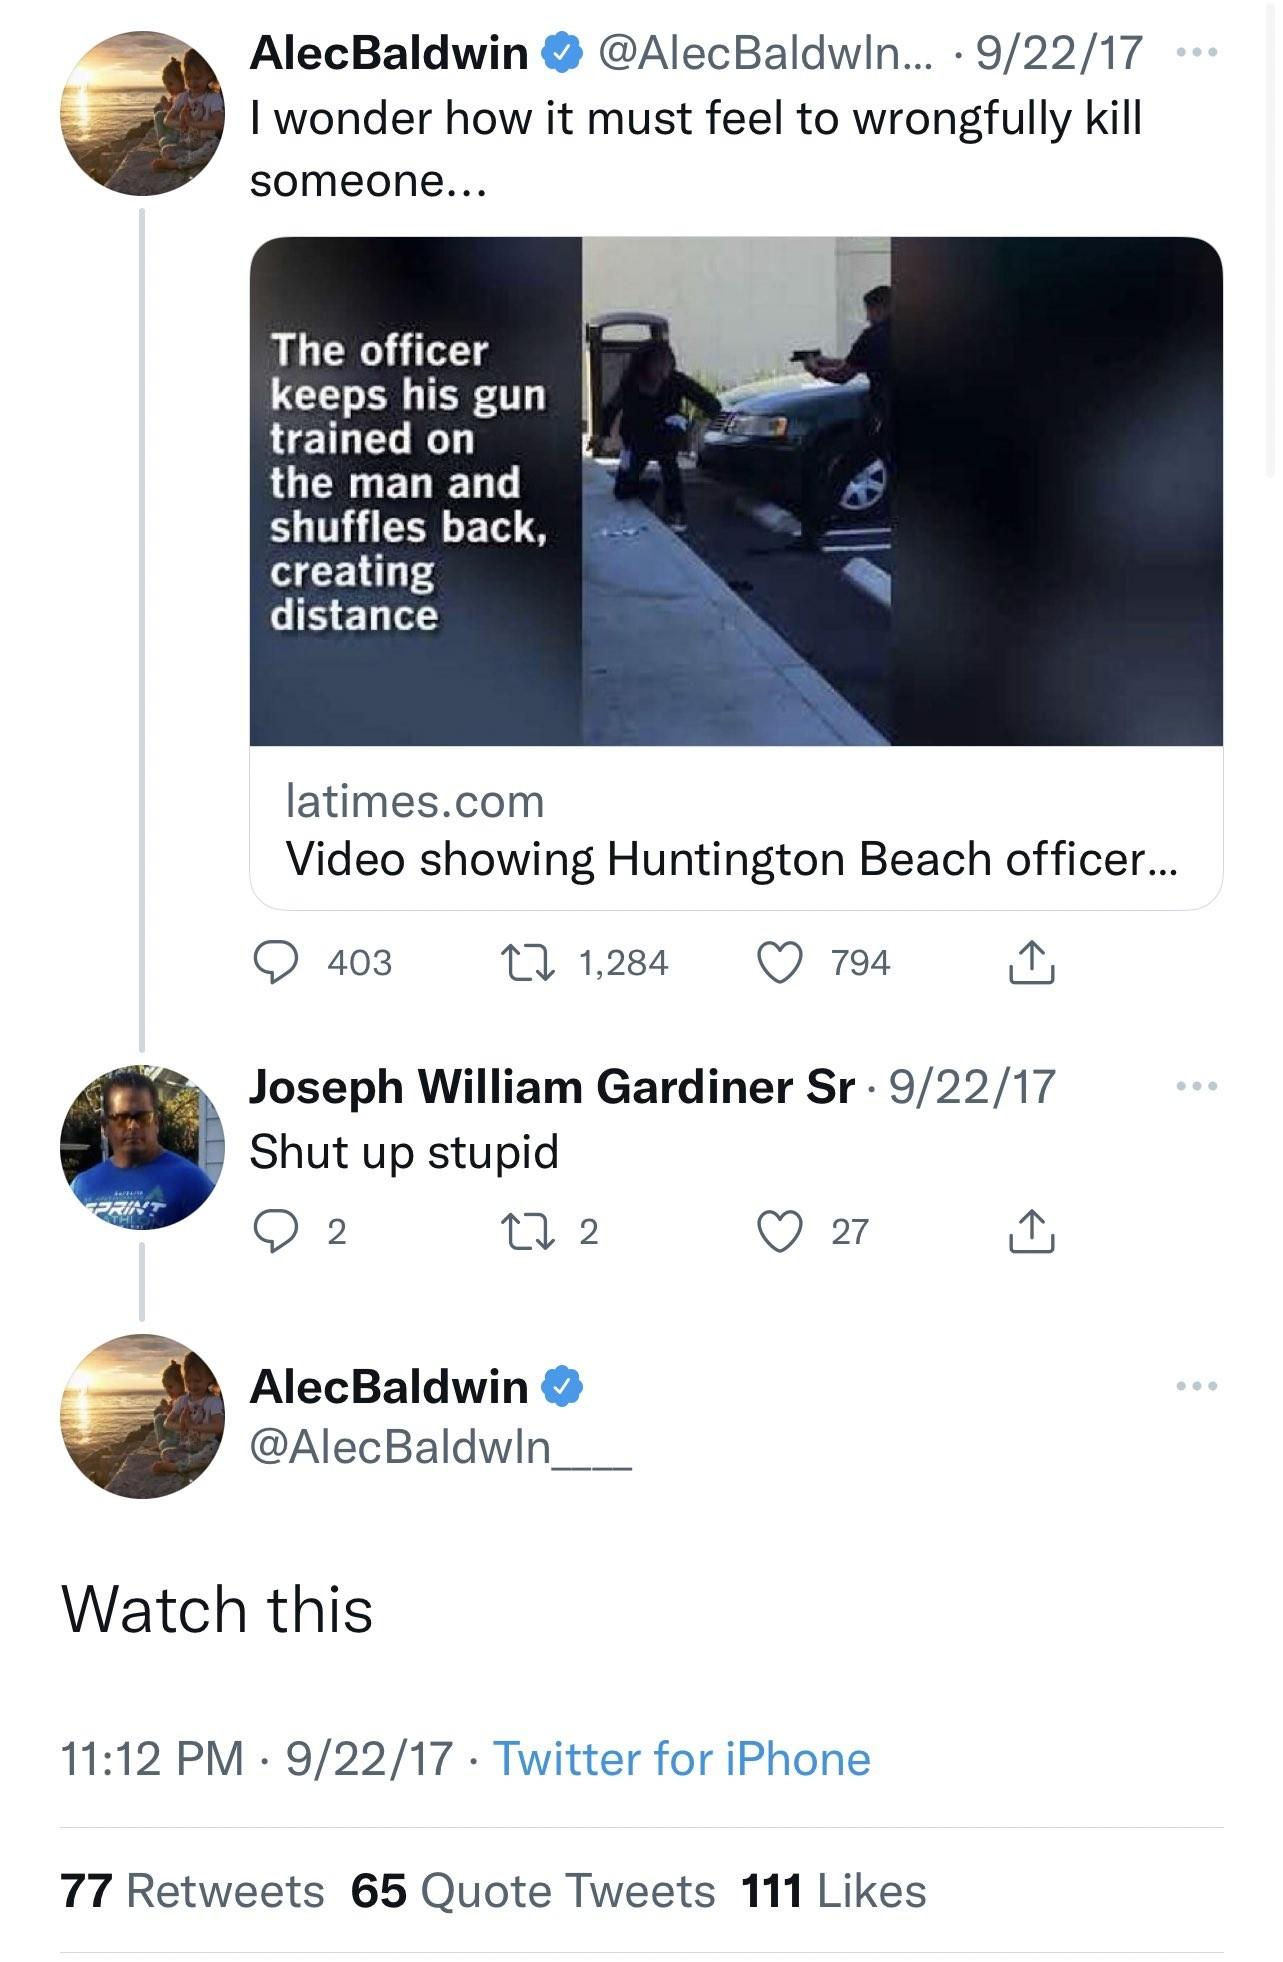 Alec Baldwin se perguntou como seria matar alguém por engano, em tuíte de 2017